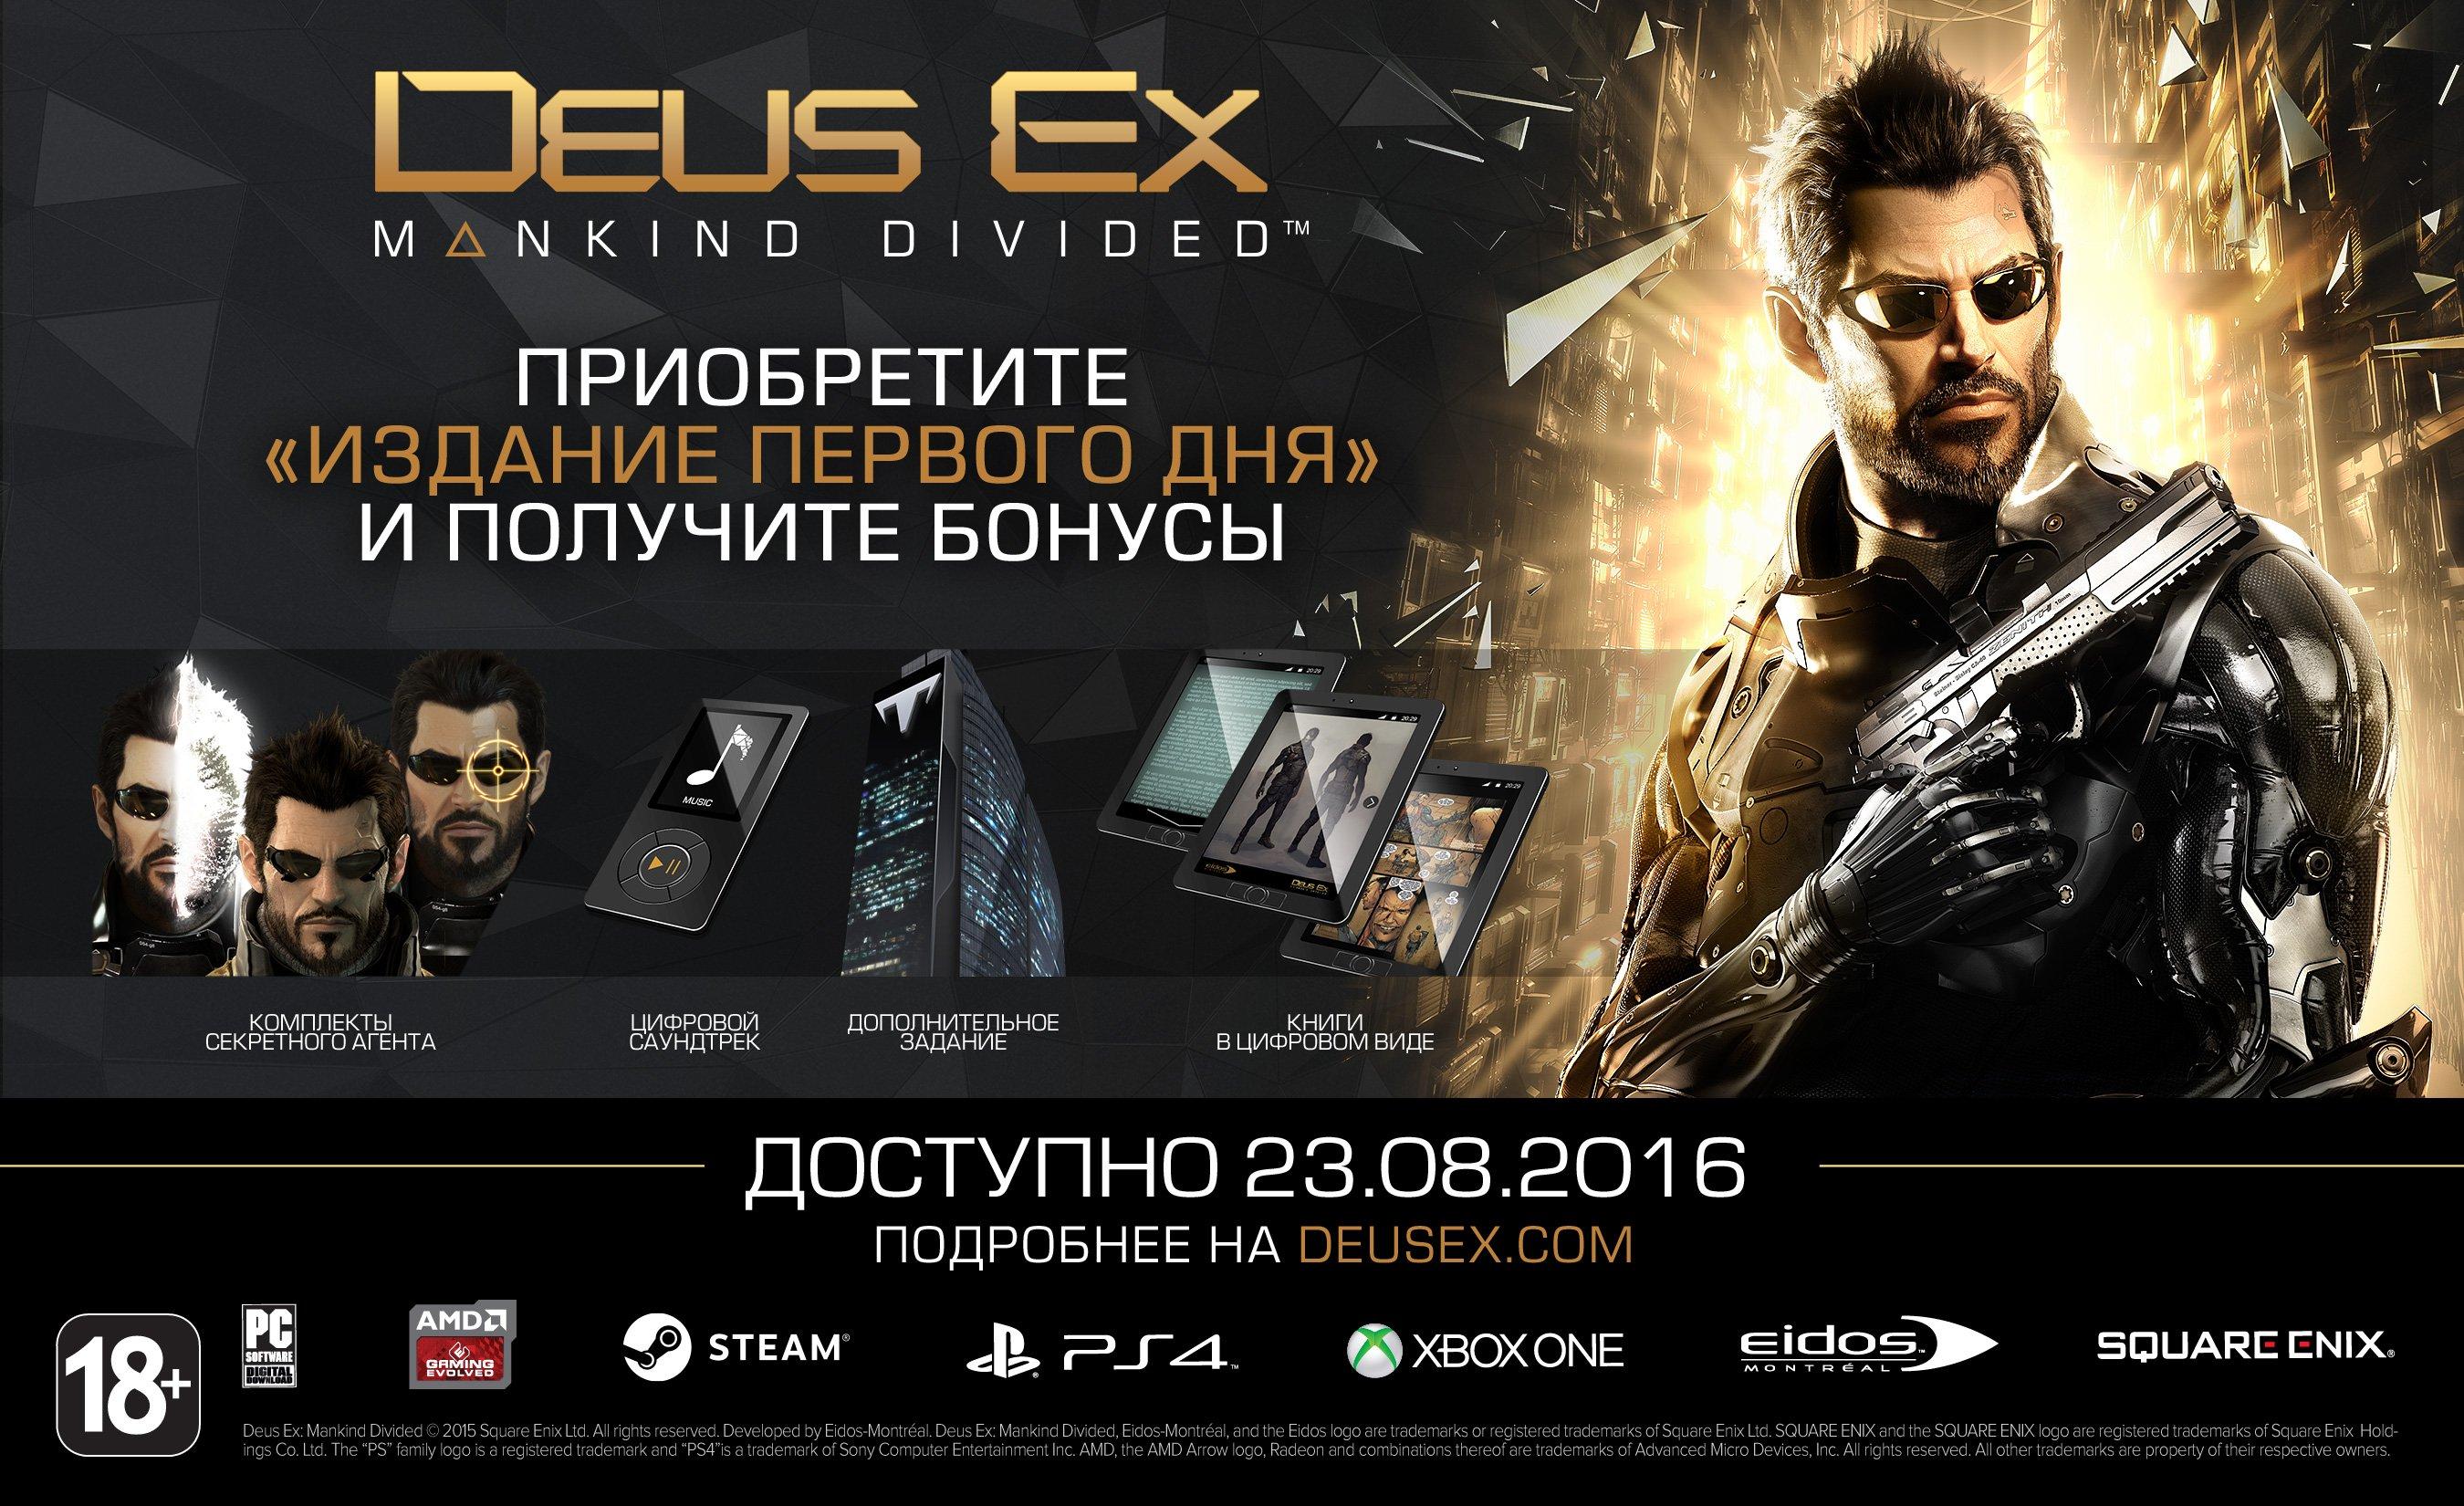 Новый трейлер Deus Ex: Mankind Divided. - Изображение 1